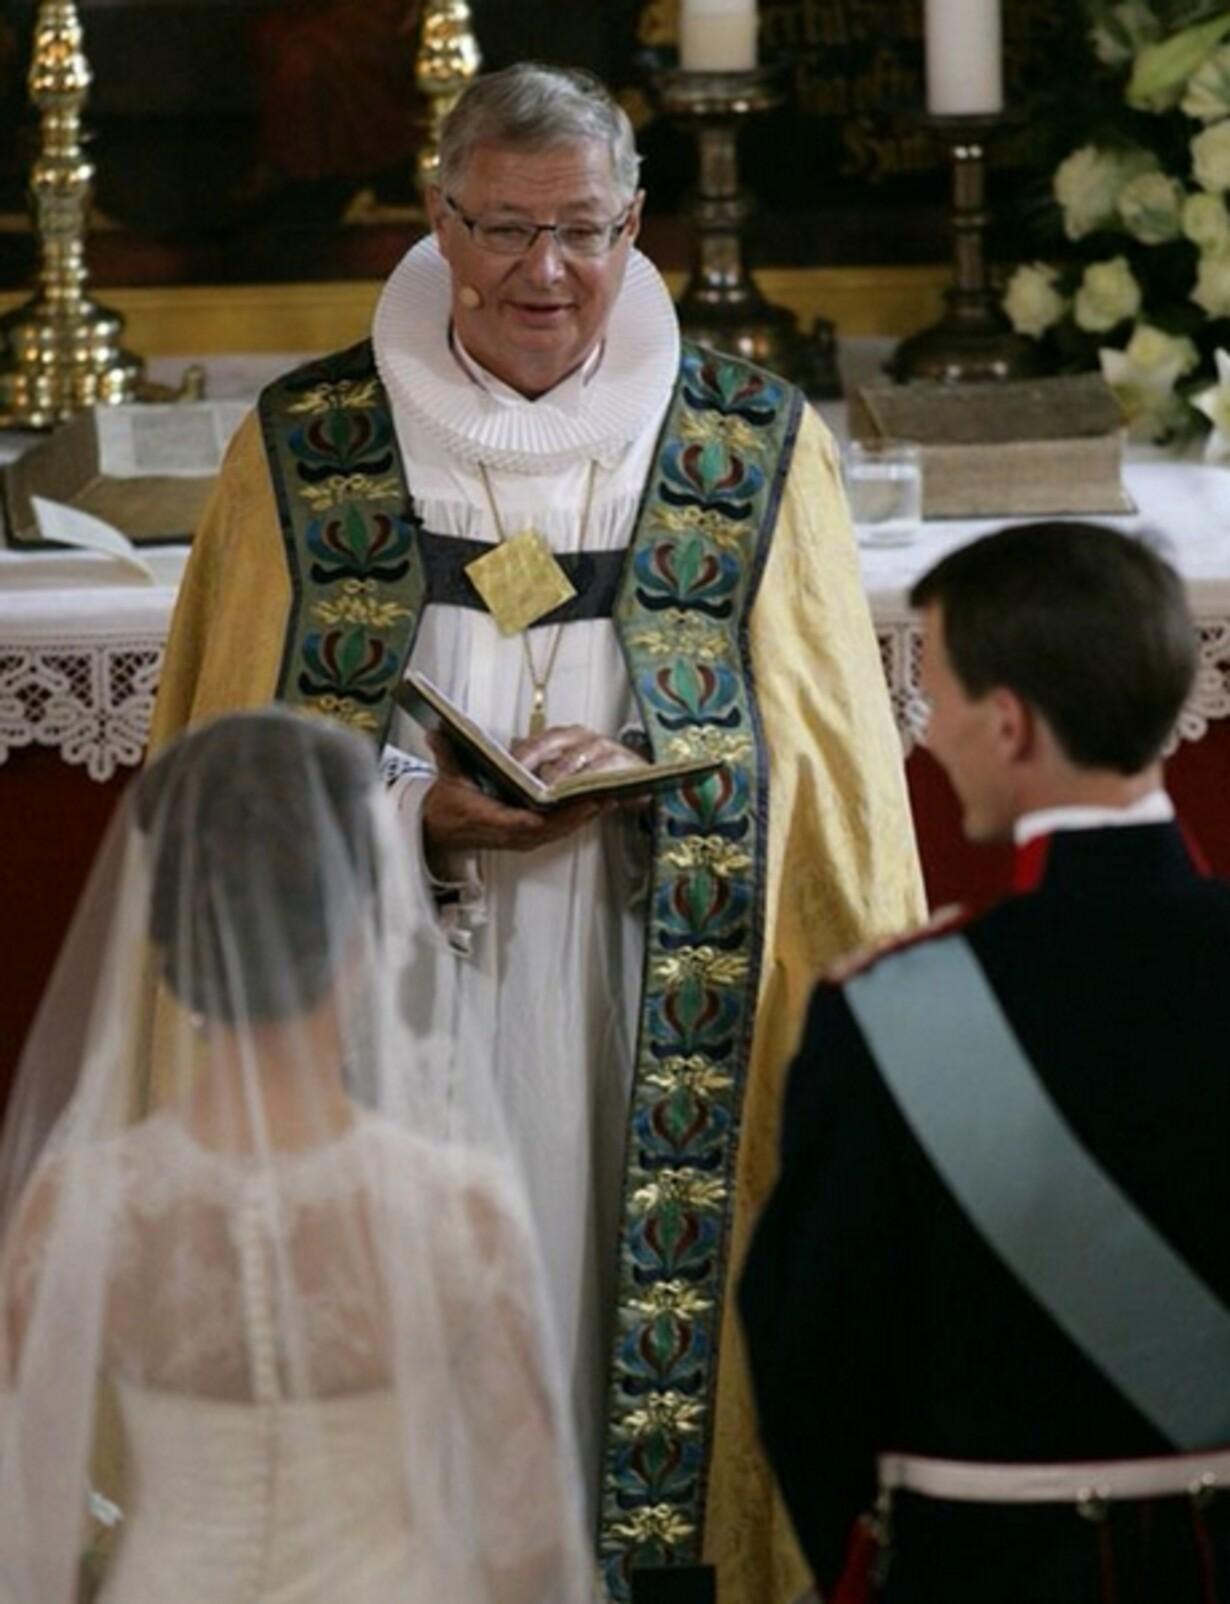 Skilsmisser og pap-børn i bryllupstalen - 1